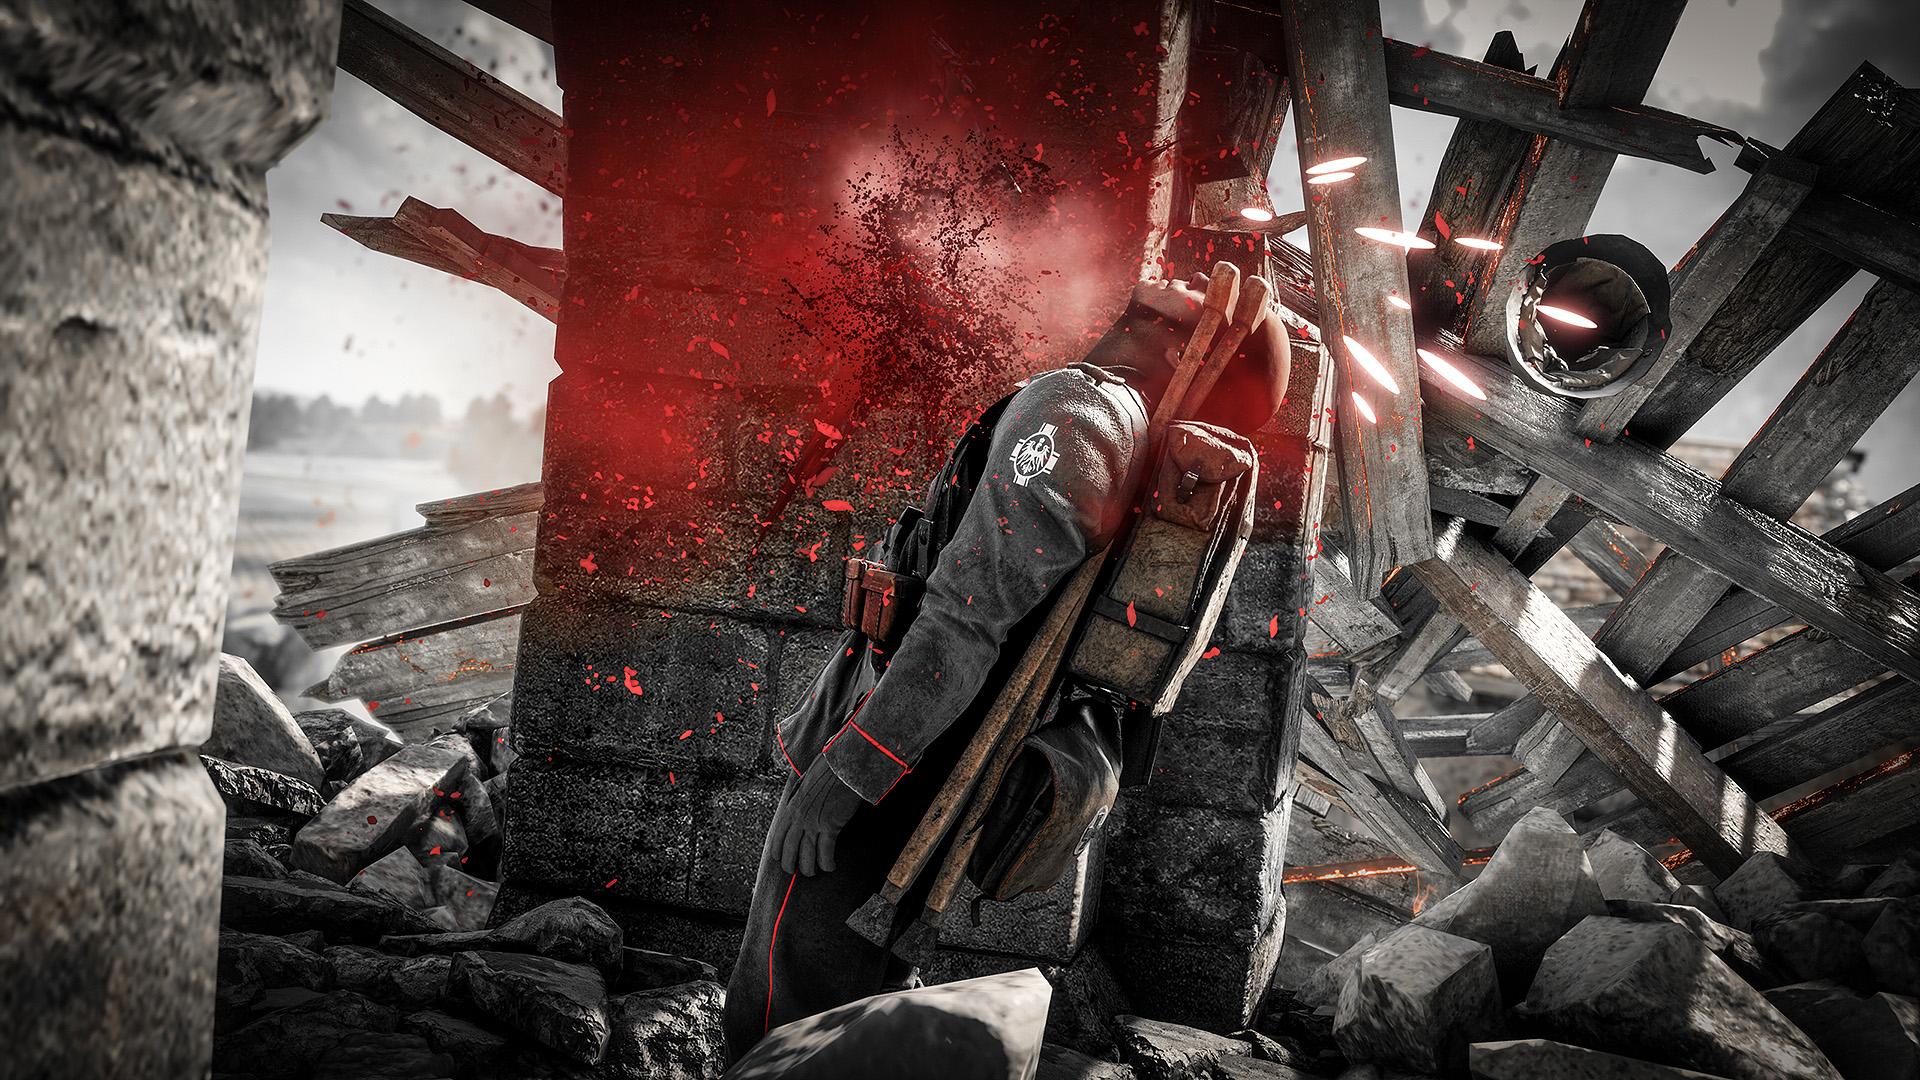 Indian Girl With Gun Hd Wallpaper Battlefield 1 Gun Shot Hd Games 4k Wallpapers Images